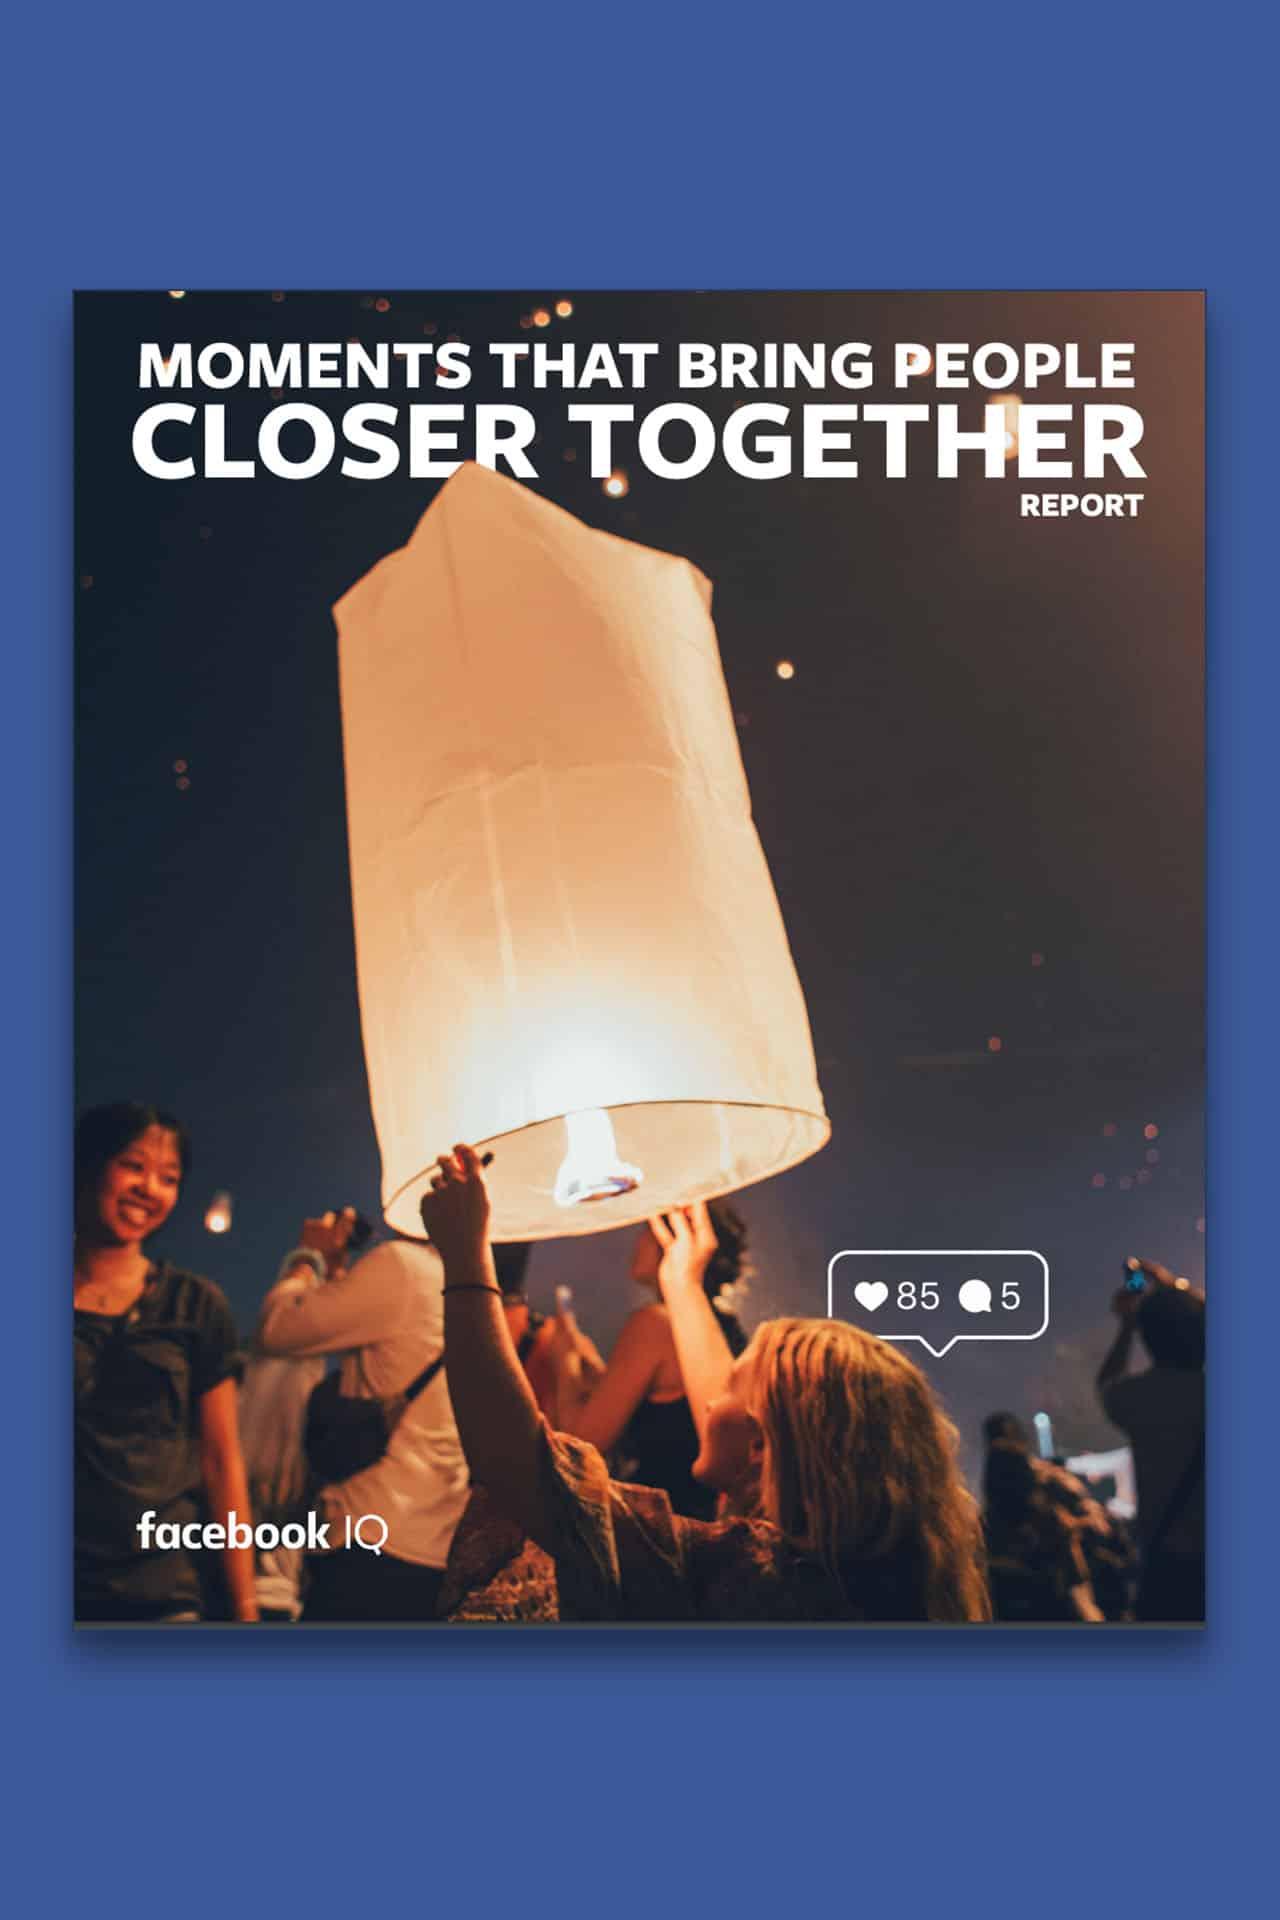 Facebook pubblica report su momenti chiave audience